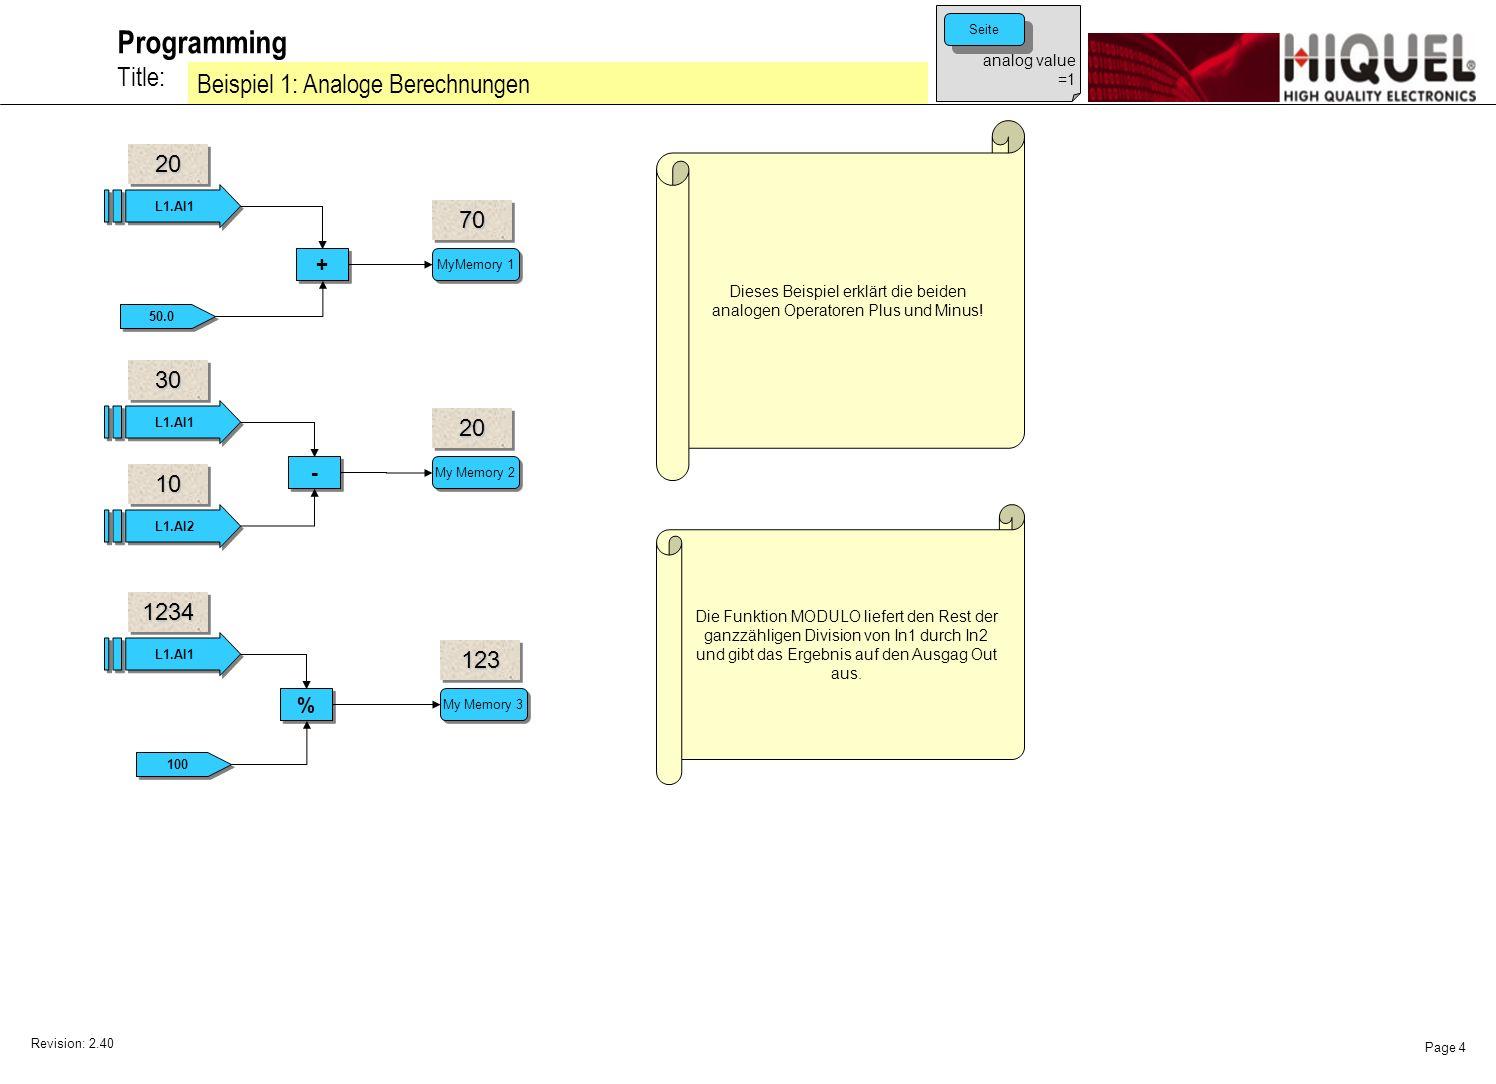 Revision: 2.40 Page 4 Title: Programming Beispiel 1: Analoge Berechnungen L1.AI1 + + 50.0 MyMemory 1 L1.AI1 L1.AI2 - - My Memory 2 Dieses Beispiel erklärt die beiden analogen Operatoren Plus und Minus.